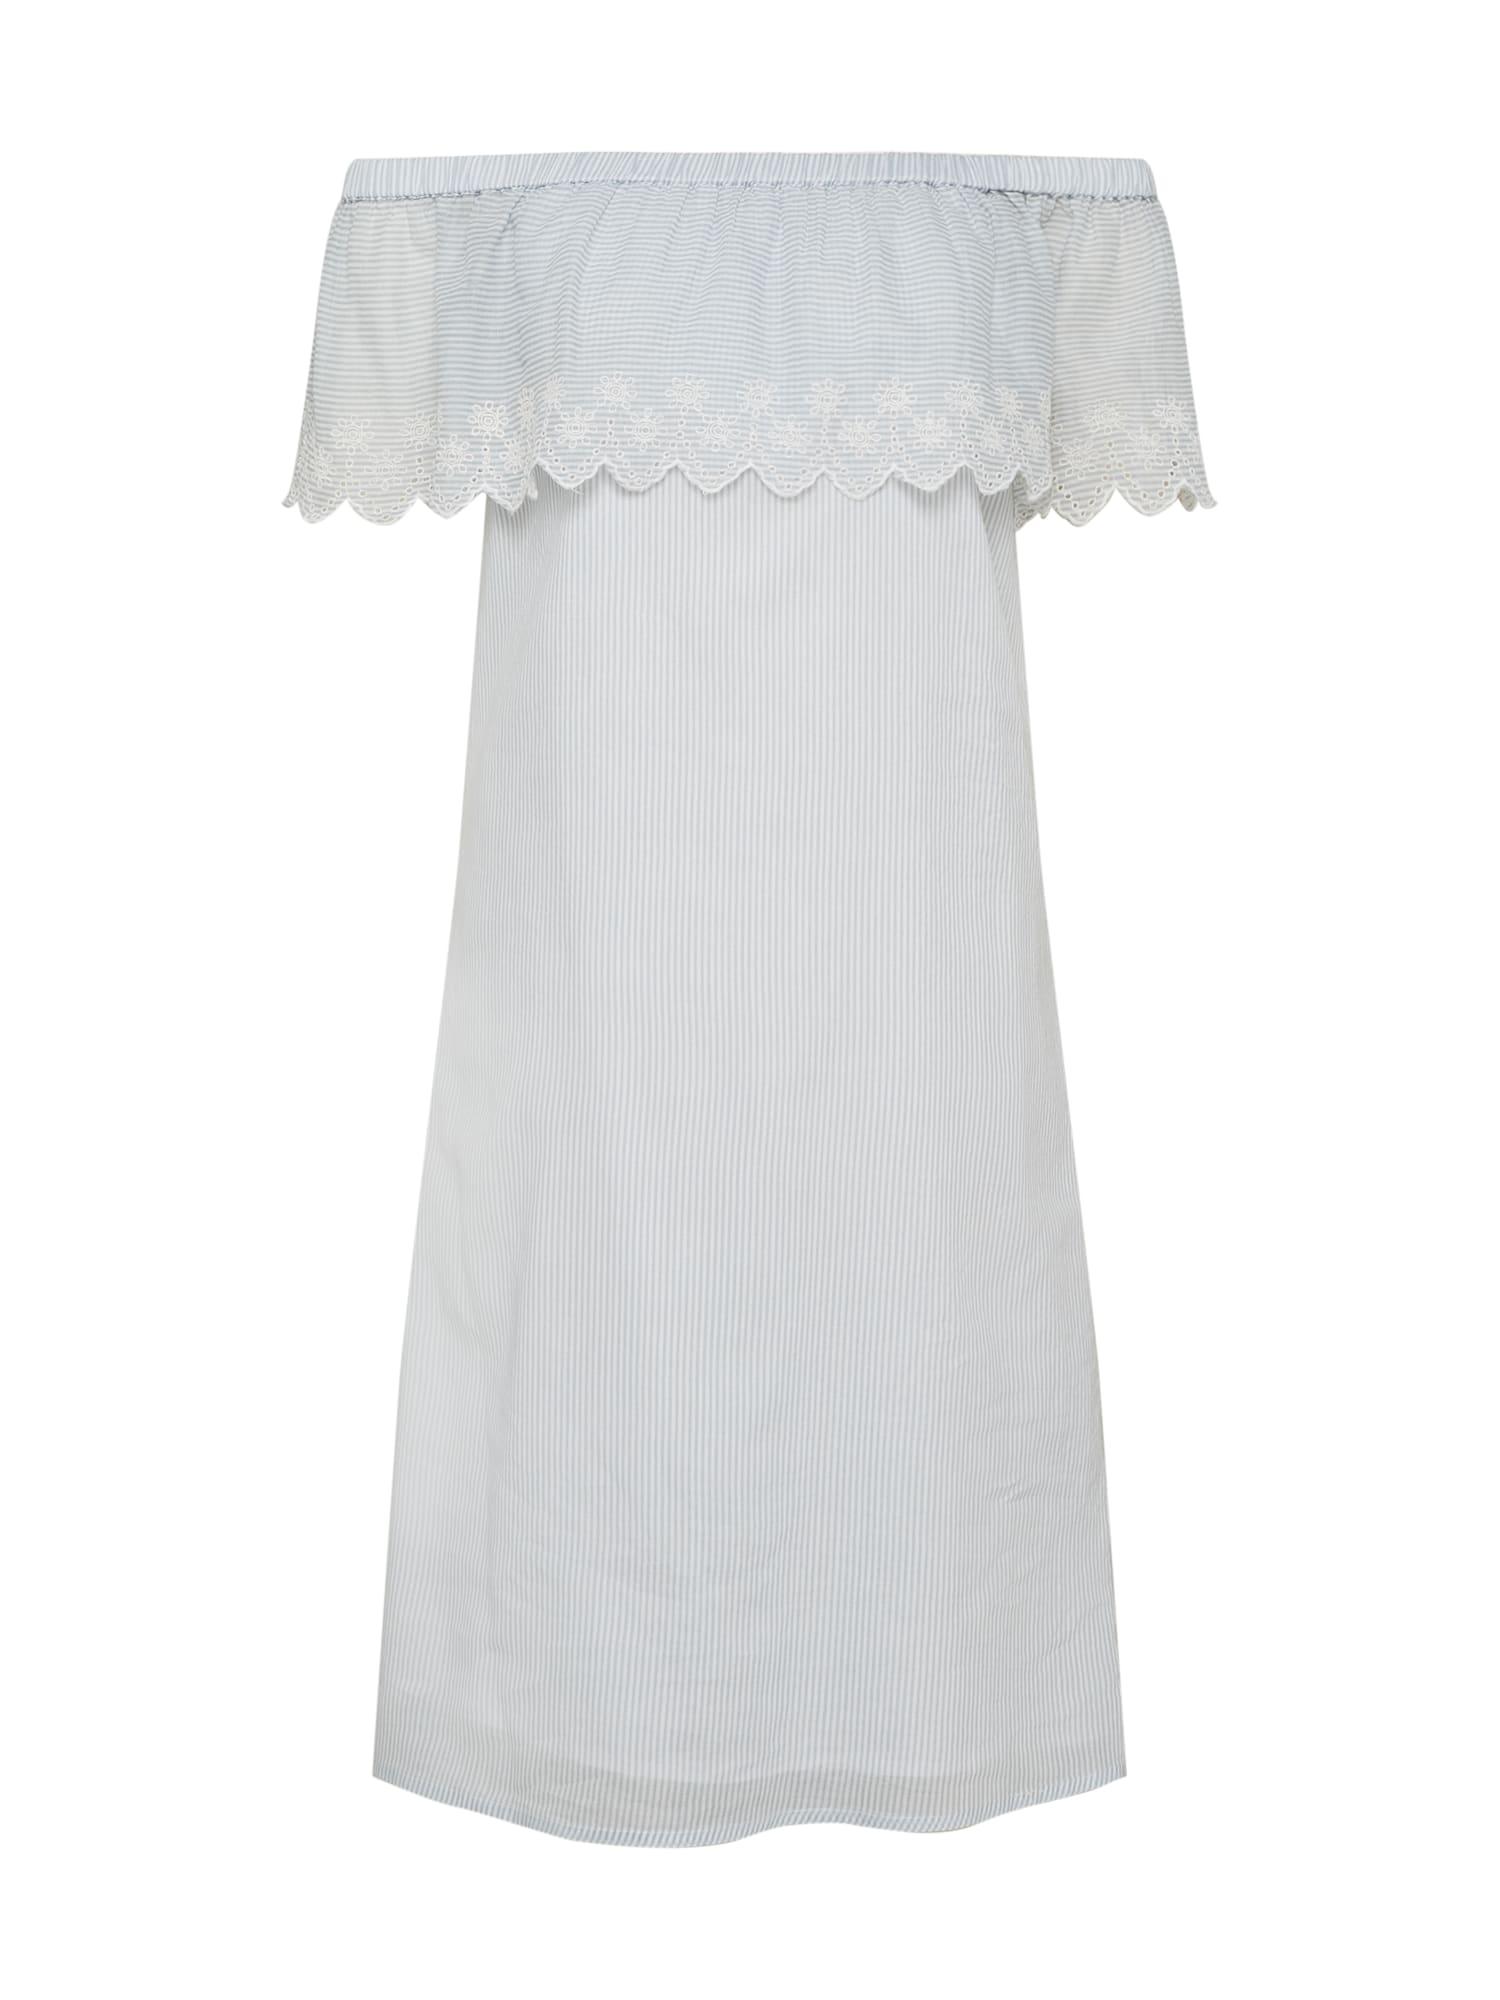 Letní šaty VITIPO OFFSHOULDER SHORT DRESS světlemodrá VILA